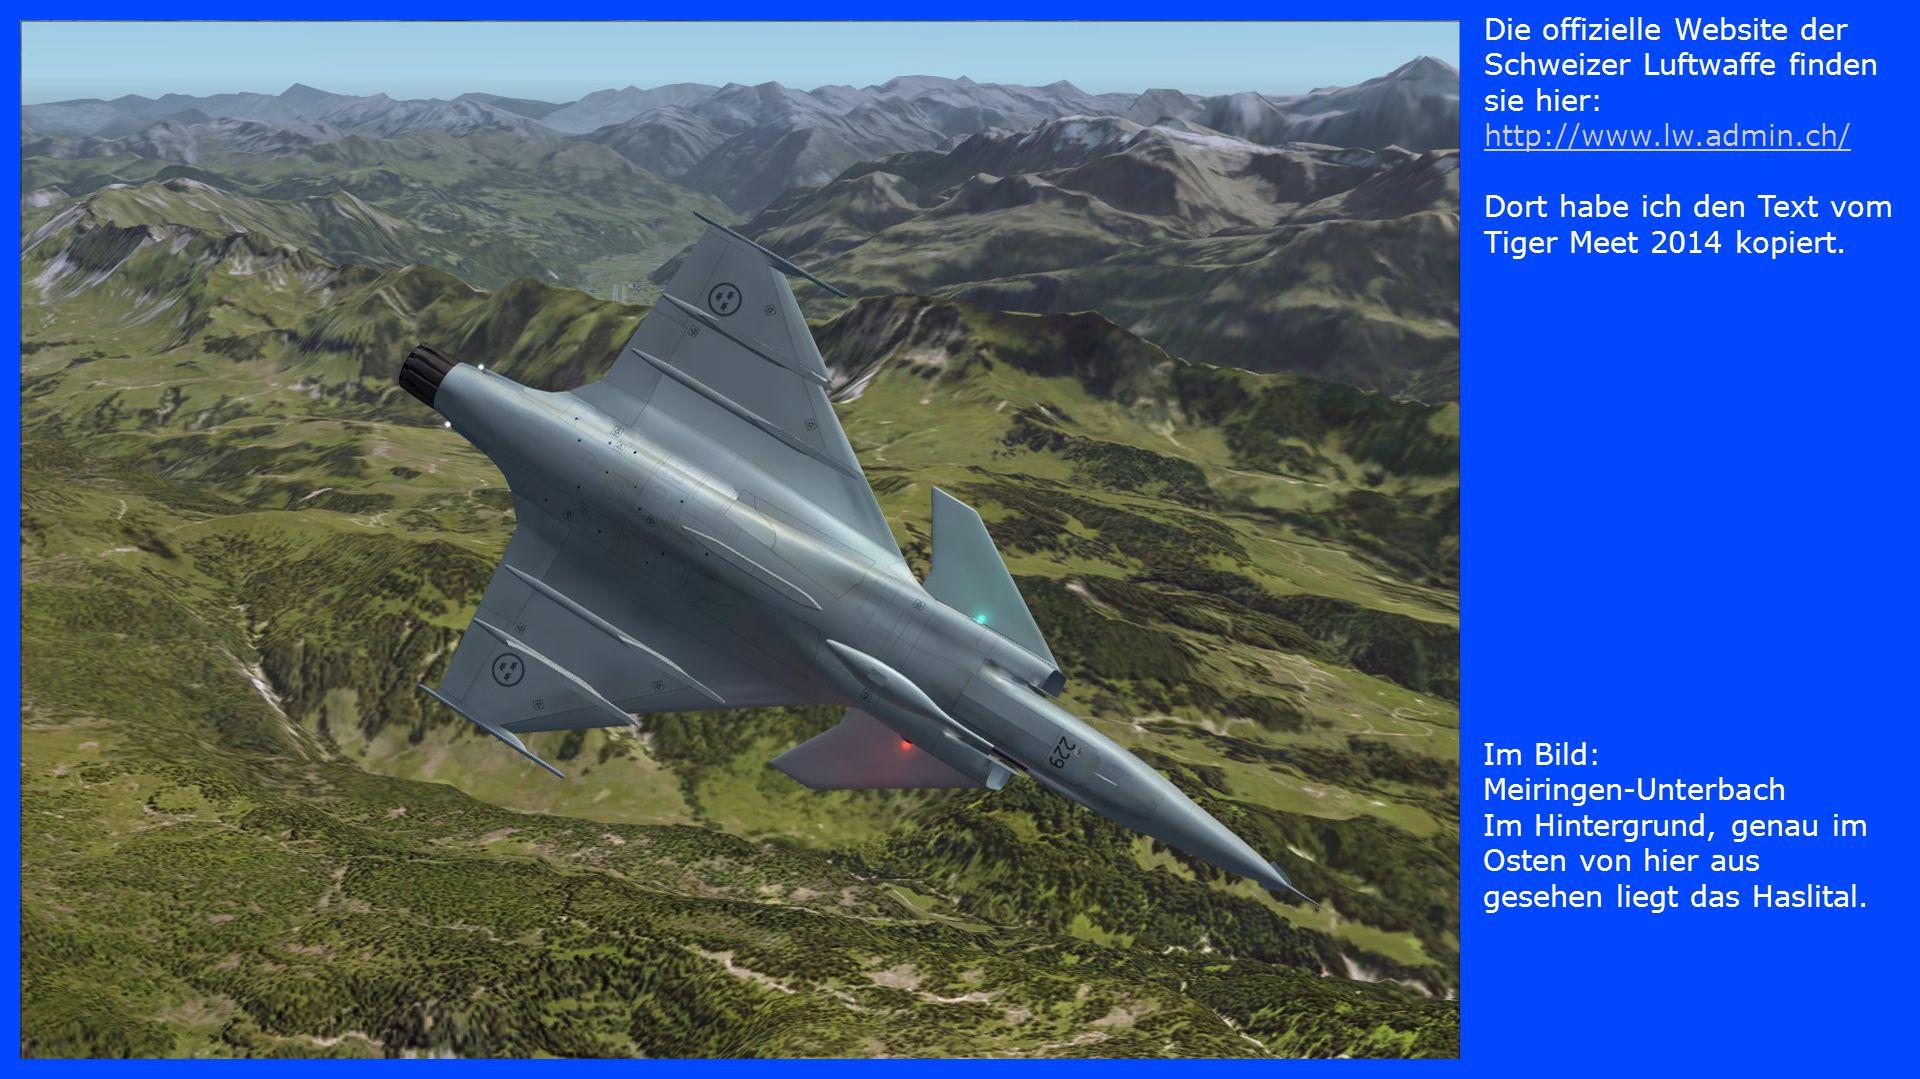 Im Bild: Meiringen-Unterbach Im Hintergrund, genau im Osten von hier aus gesehen liegt das Haslital. Die offizielle Website der Schweizer Luftwaffe fi